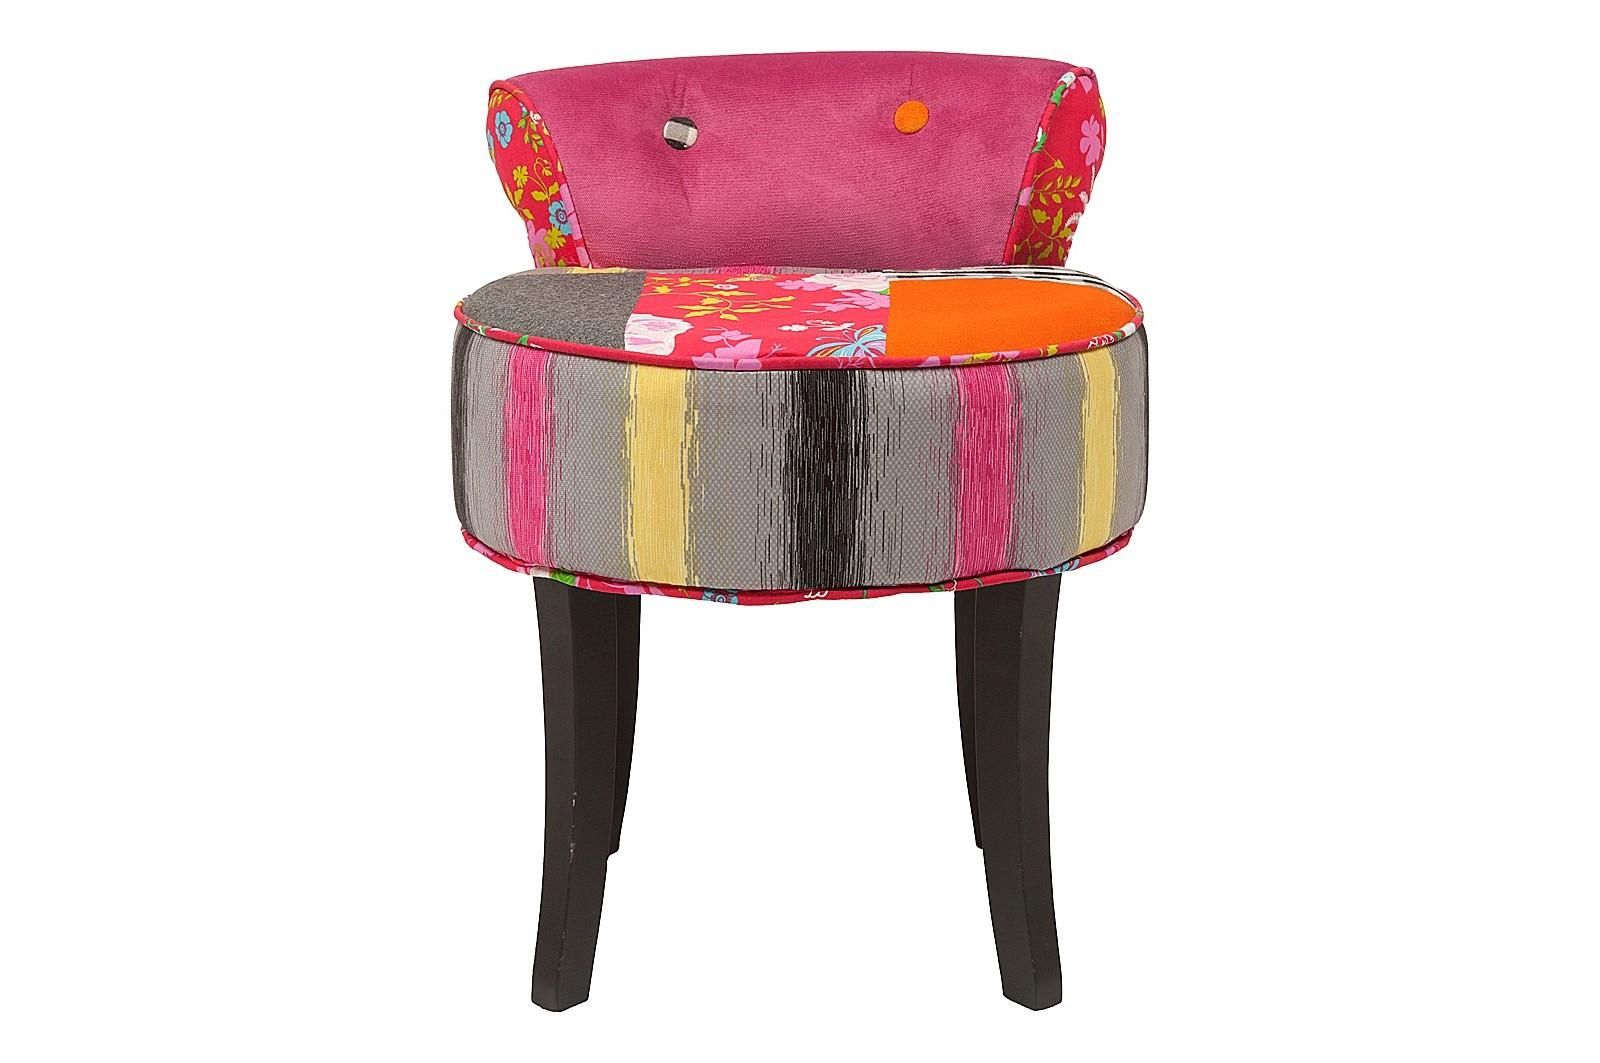 Стул FlorentiaОбеденные стулья<br>В силуэте стула &amp;quot;Florentia&amp;quot; узнается очарование стиля барокко. Оно воплощено в классических формах, которые благодаря уникальной отделке обретают совершенно иное воплощение. Чувственность и грация очертаний сменяются безудержным оптимизмом. Выраженный в сочетании ярких цветов, интересных фактур и потрясающих узоров, он добавляет облику стула притягательную лучезарность. Техника пэчворк, заставляющая гармонировать самые разномастные элементы, является главной изюминкой эклектичного оформления, идеального для интерьеров с уклоном в сторону поп-арта.<br><br>Material: Хлопок<br>Width см: 46<br>Depth см: 49<br>Height см: 58